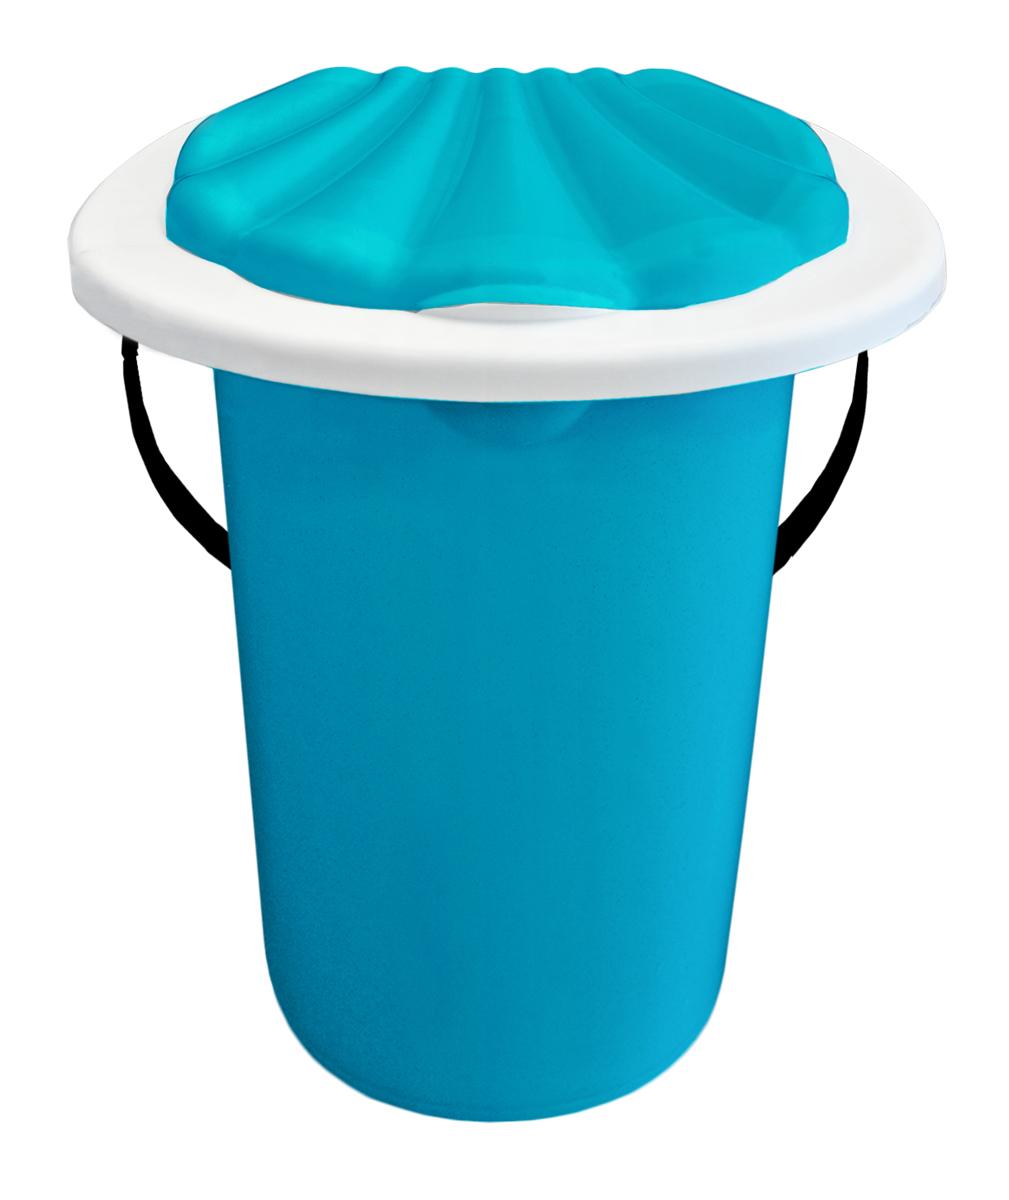 Ведро-туалет InGreen, цвет: светло-синий, 20 лING4001СВСНВедро-туалет InGreen выполнено из пластика. Это незаменимая вещь на даче, а также для пожилых людей и людей с ограниченными возможностями. Устойчивое и высокое ведро удобно в использовании. Ведро-туалет имеет эргономичное съемное сиденье - это позволит легко его мыть и сушить отдельно. Ведро снабжено крышкой, что препятствует распространению неприятных запахов. Прочный пластик выдержит даже людей с большим весом.